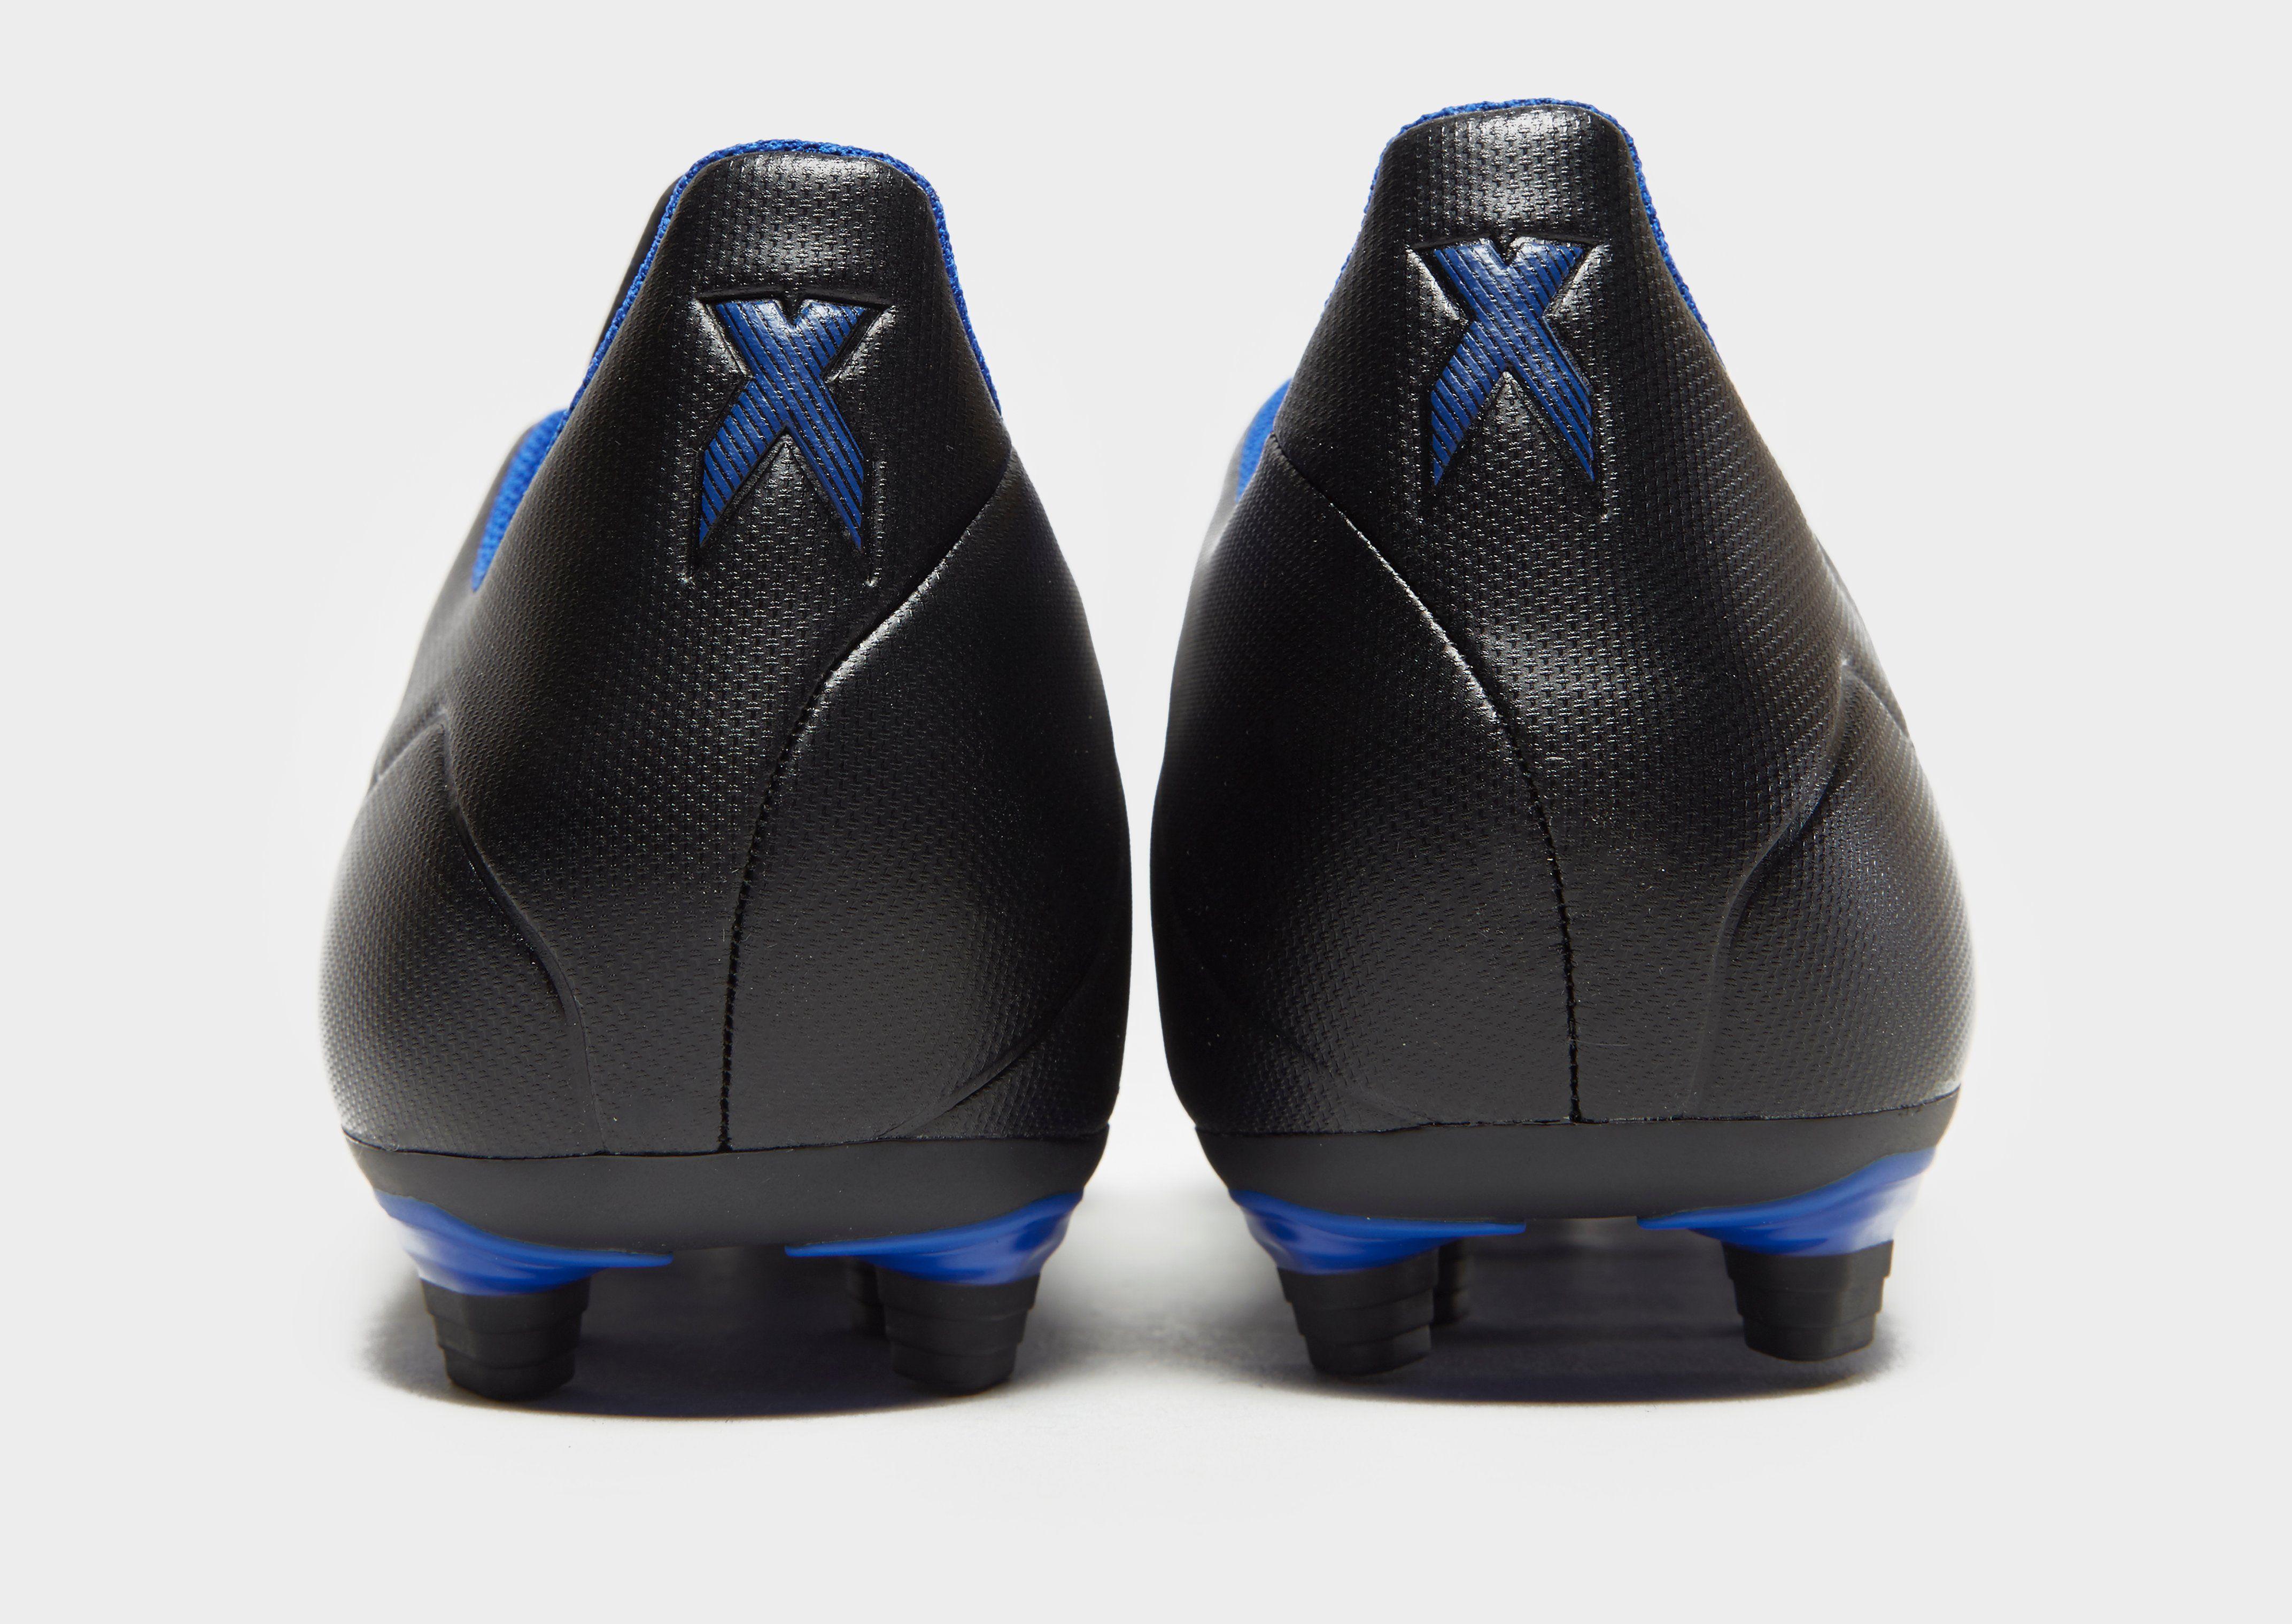 adidas Archetic X 18.4 FG